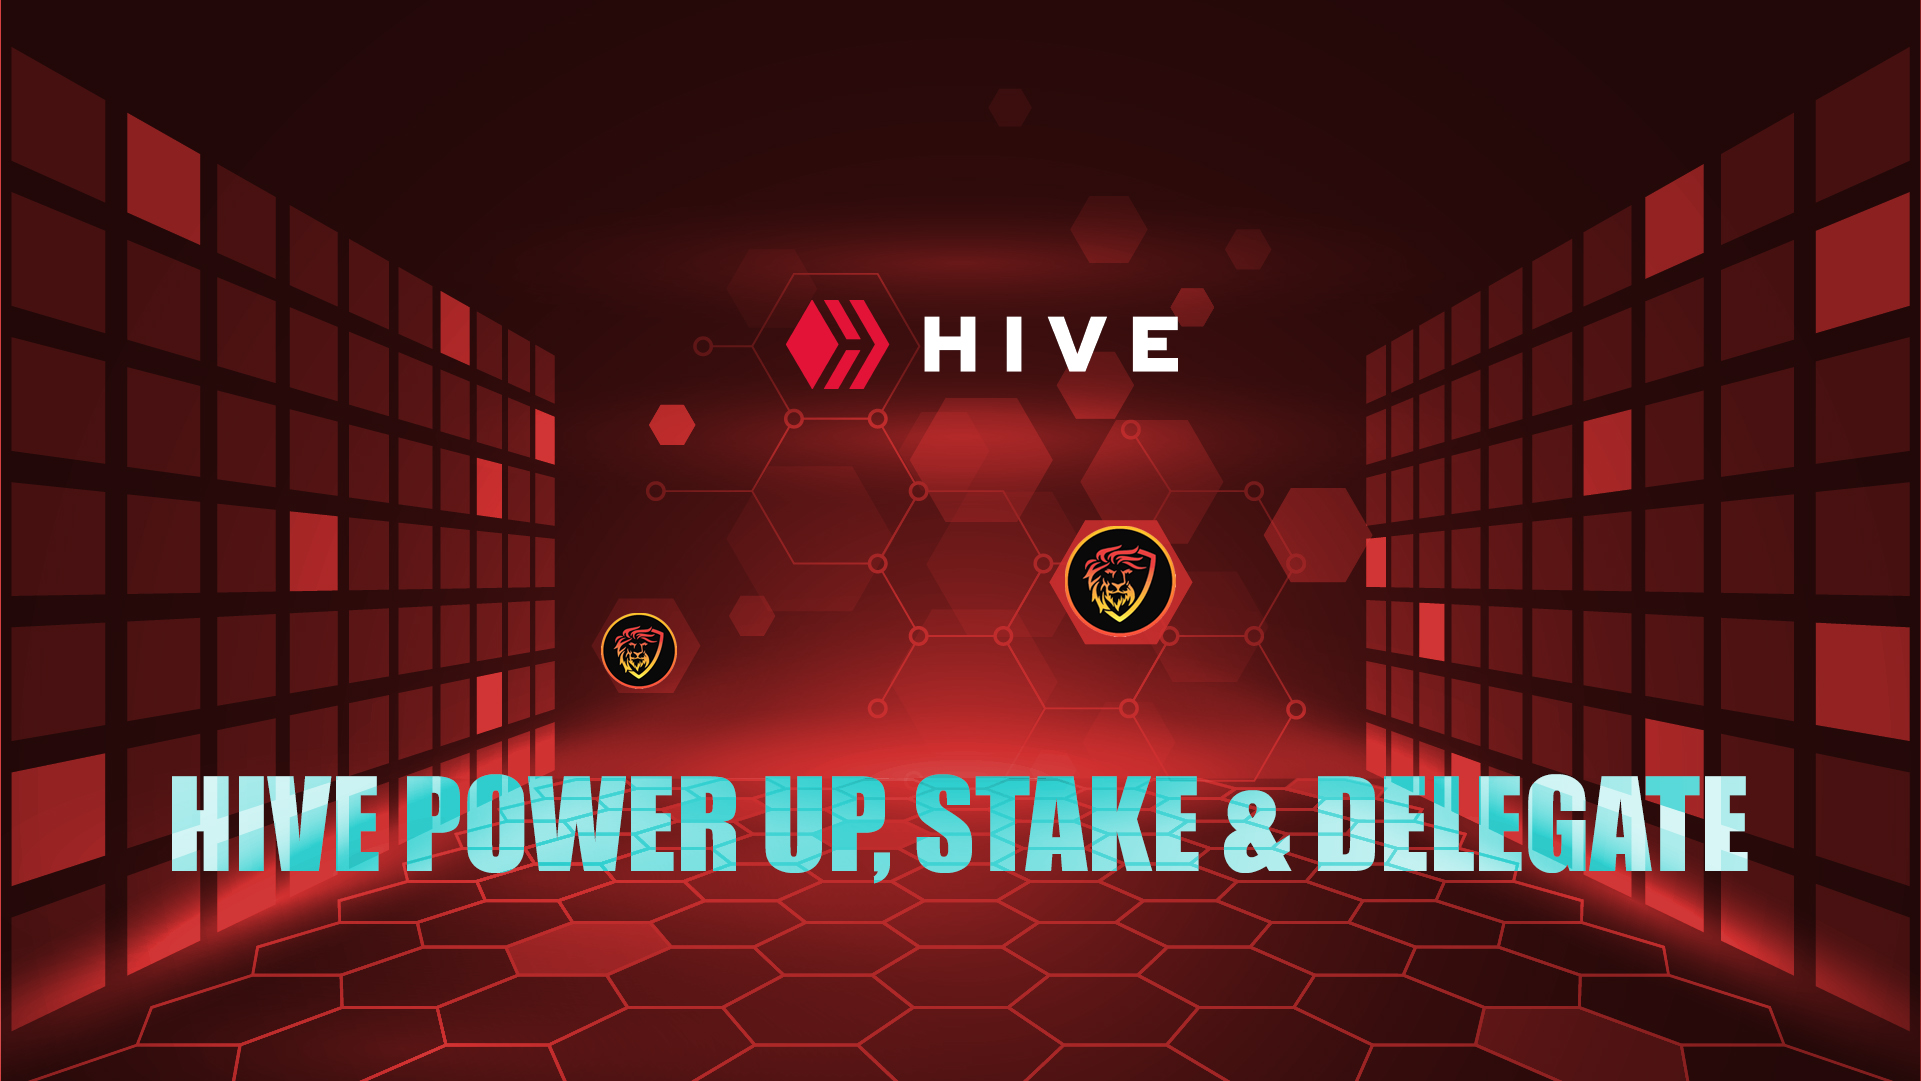 hive powerup.jpg